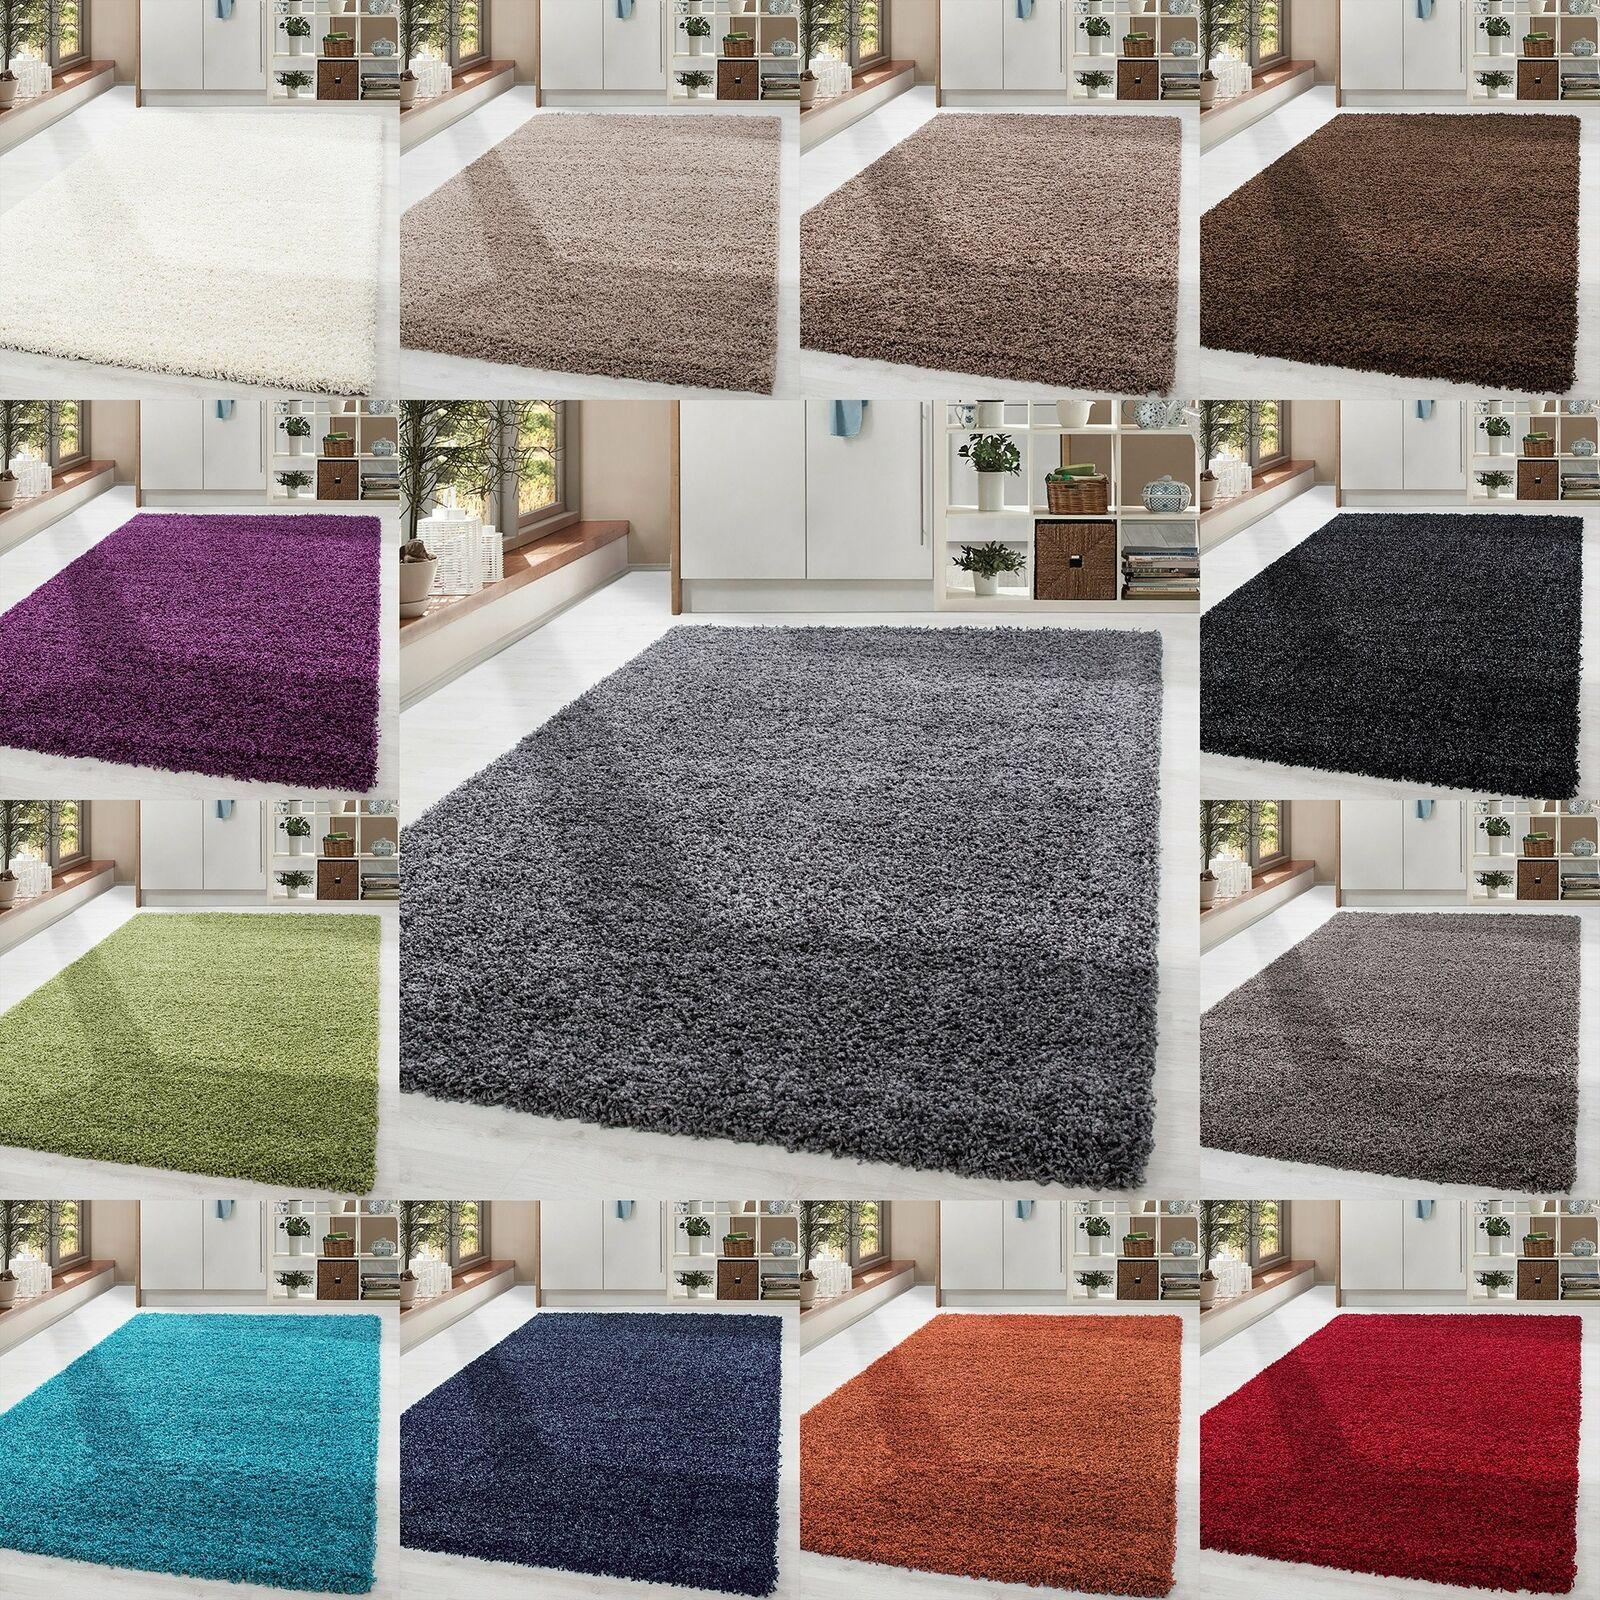 Shaggy Hochflor Teppich Carpet - Farben und Größen Wohnzimmer Neu Top Angebot!